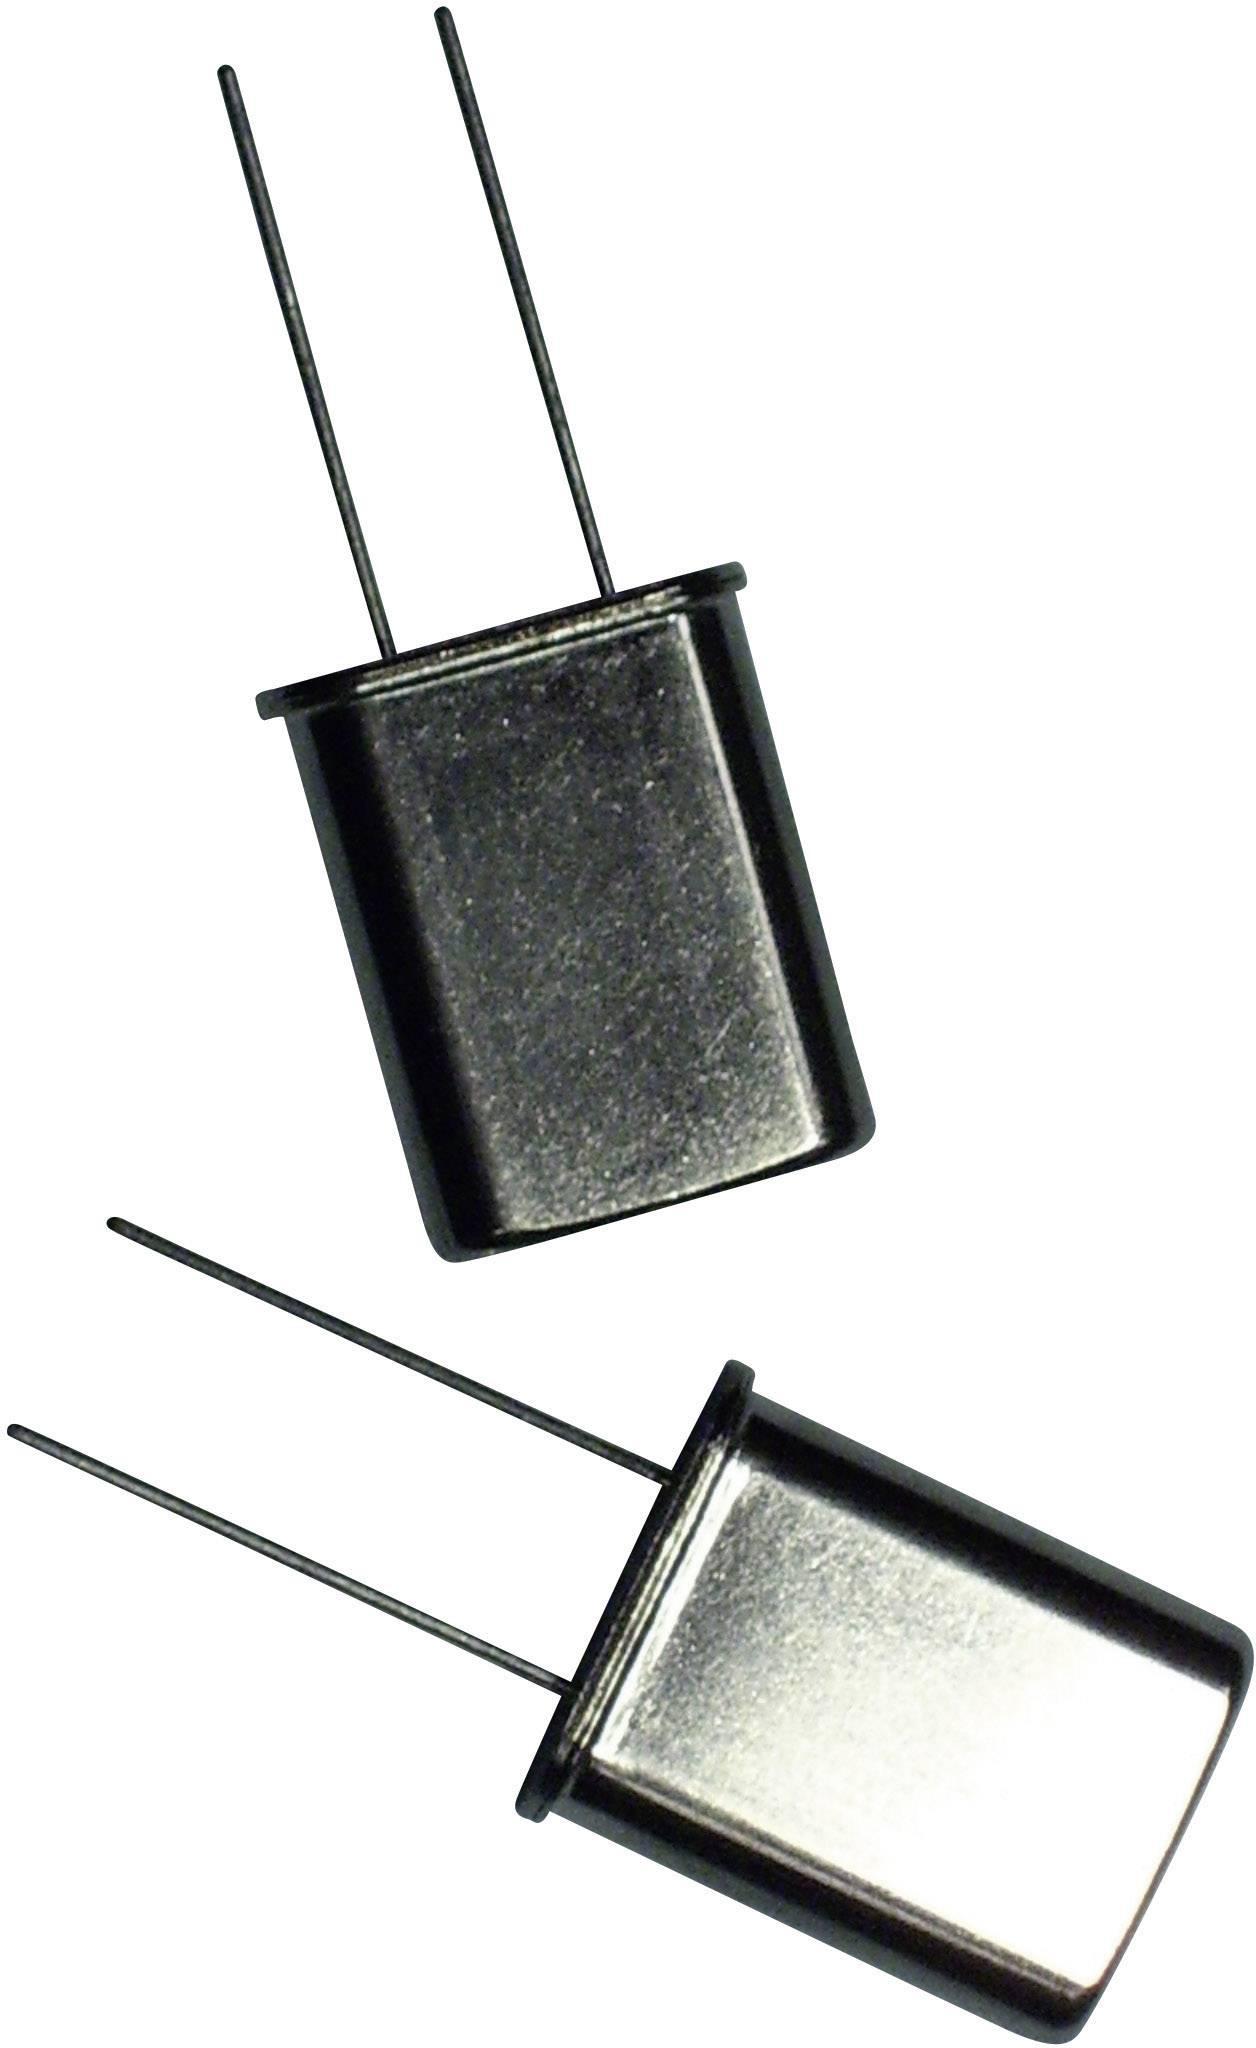 Krystal EuroQuartz, 20 MHz, HC49, 30/50/40/18PF/ATF